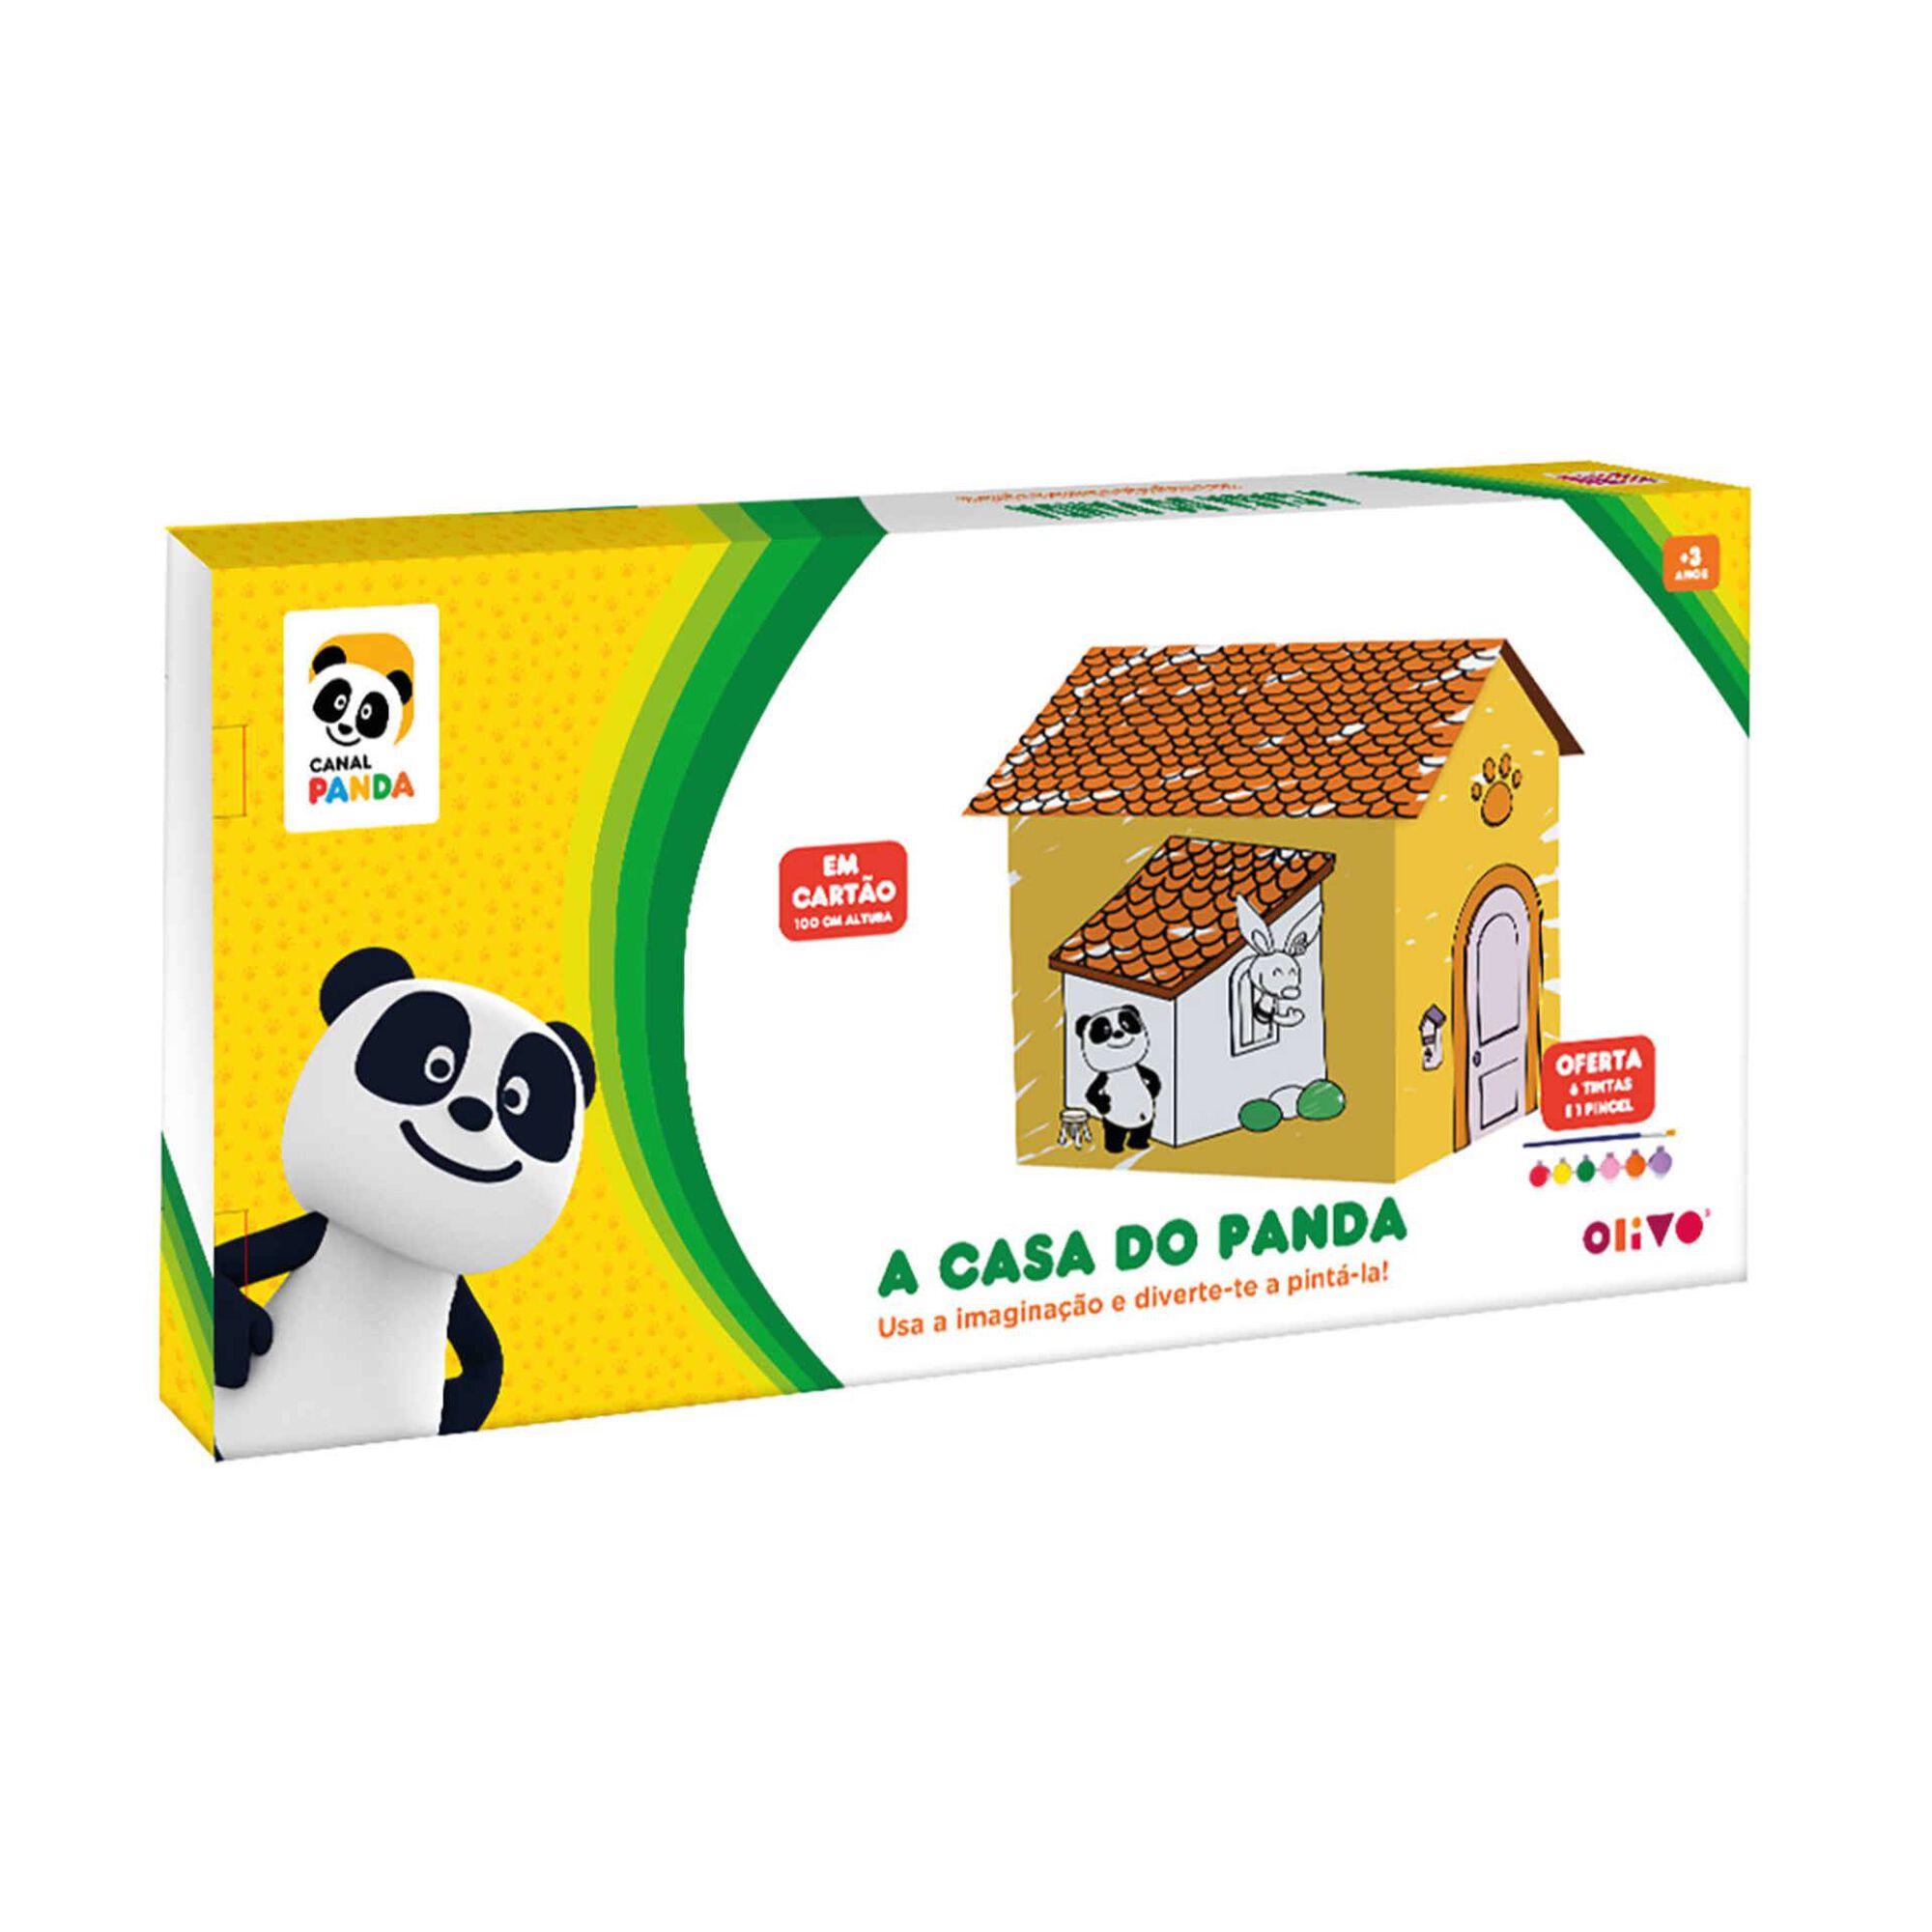 A Casa do Panda